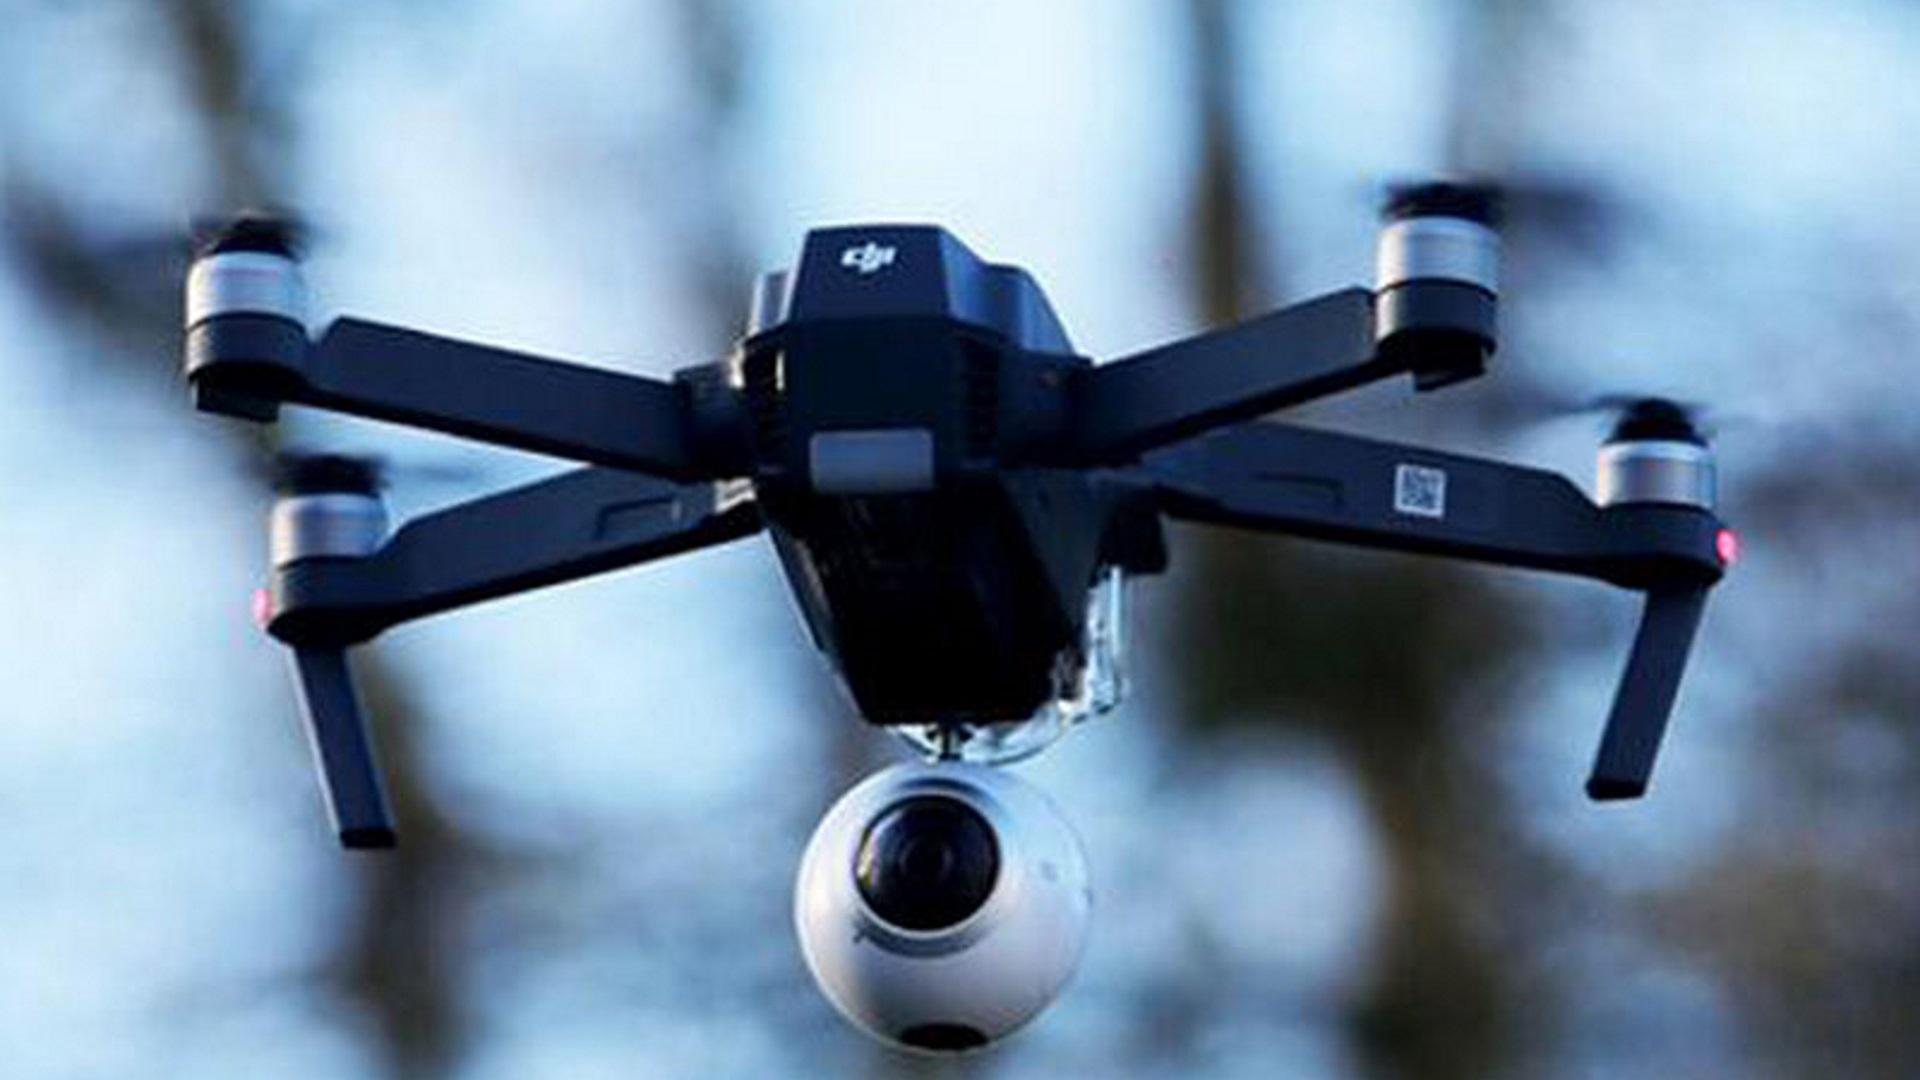 ドローンにVRカメラを装着するマウントを発見、「Mavic Pro」専用【コラム】